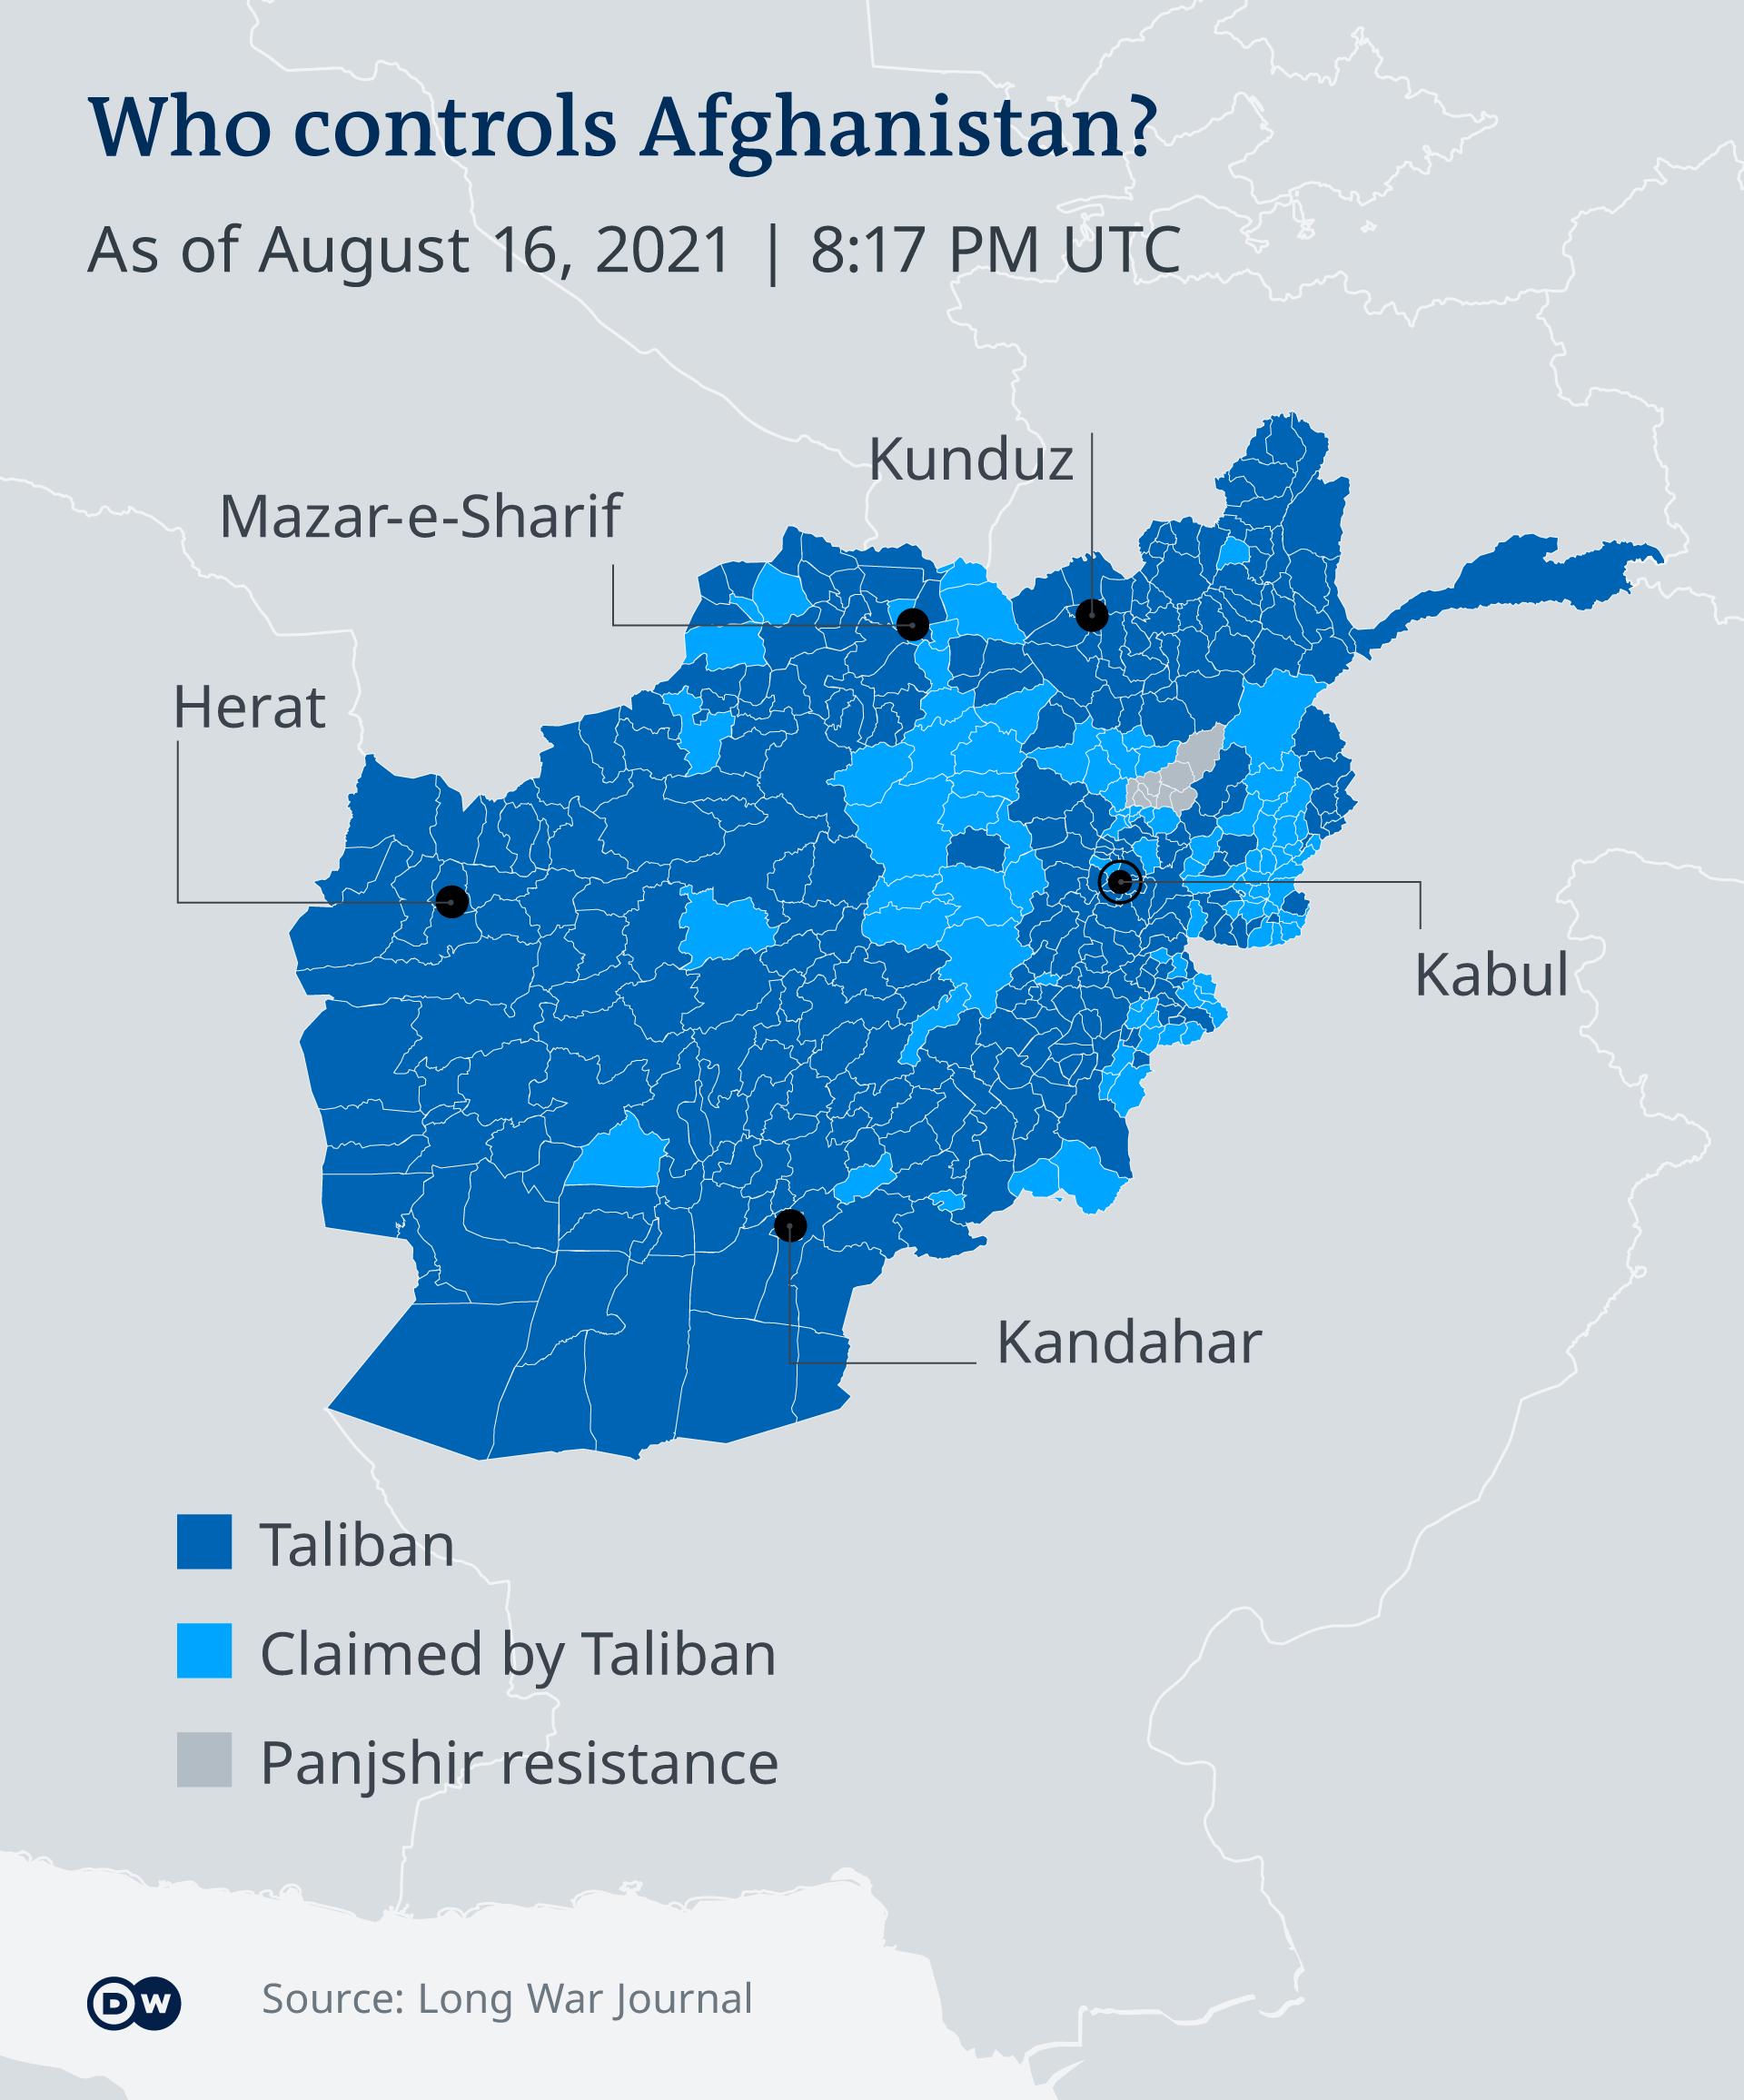 Peta yang menunjukkan siapa yang mengendalikan Afganistan